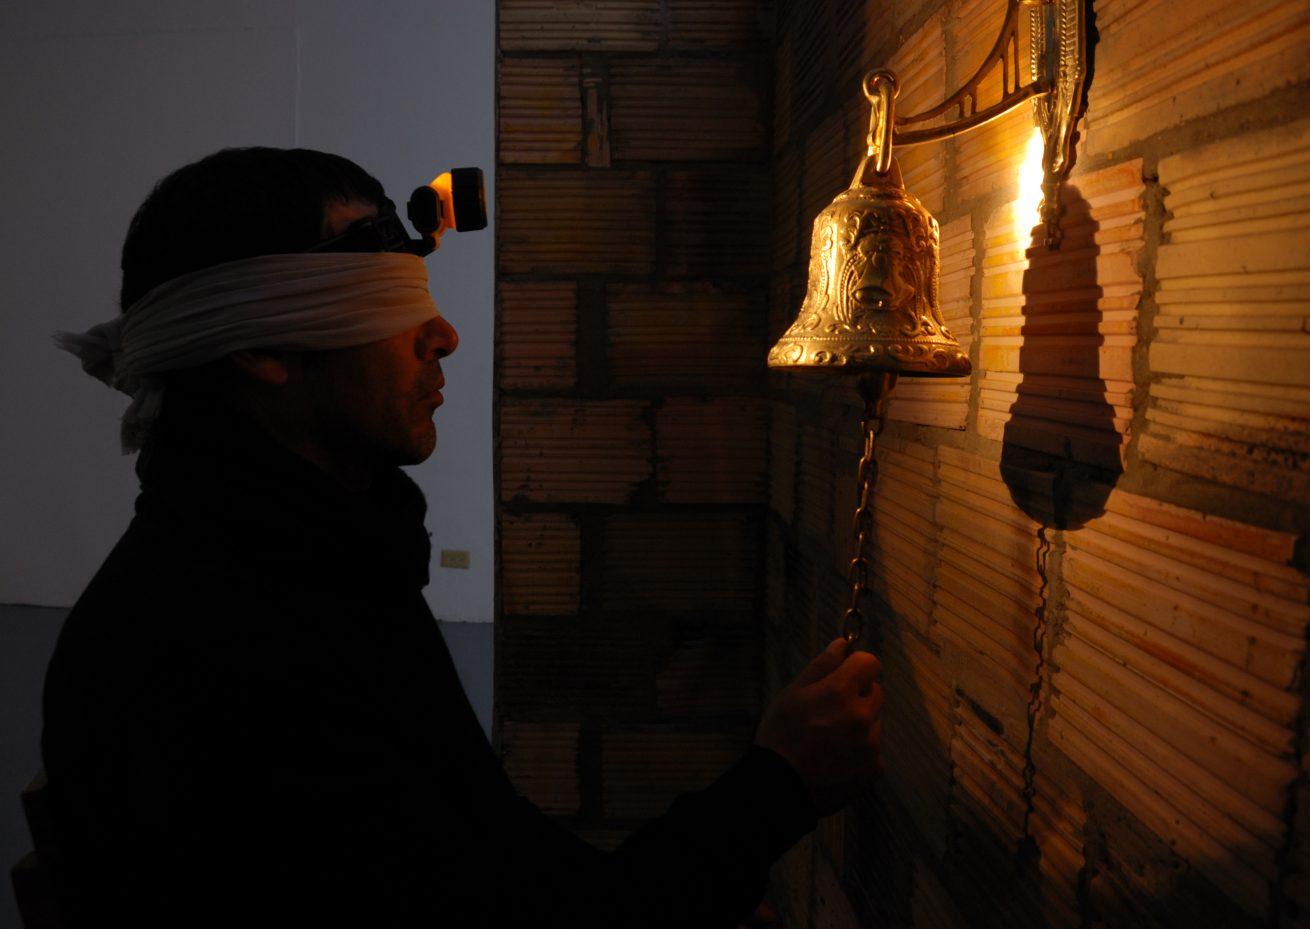 Mario Opazo, «Expulsión del paraíso. Galería Santa Fe, 2009.